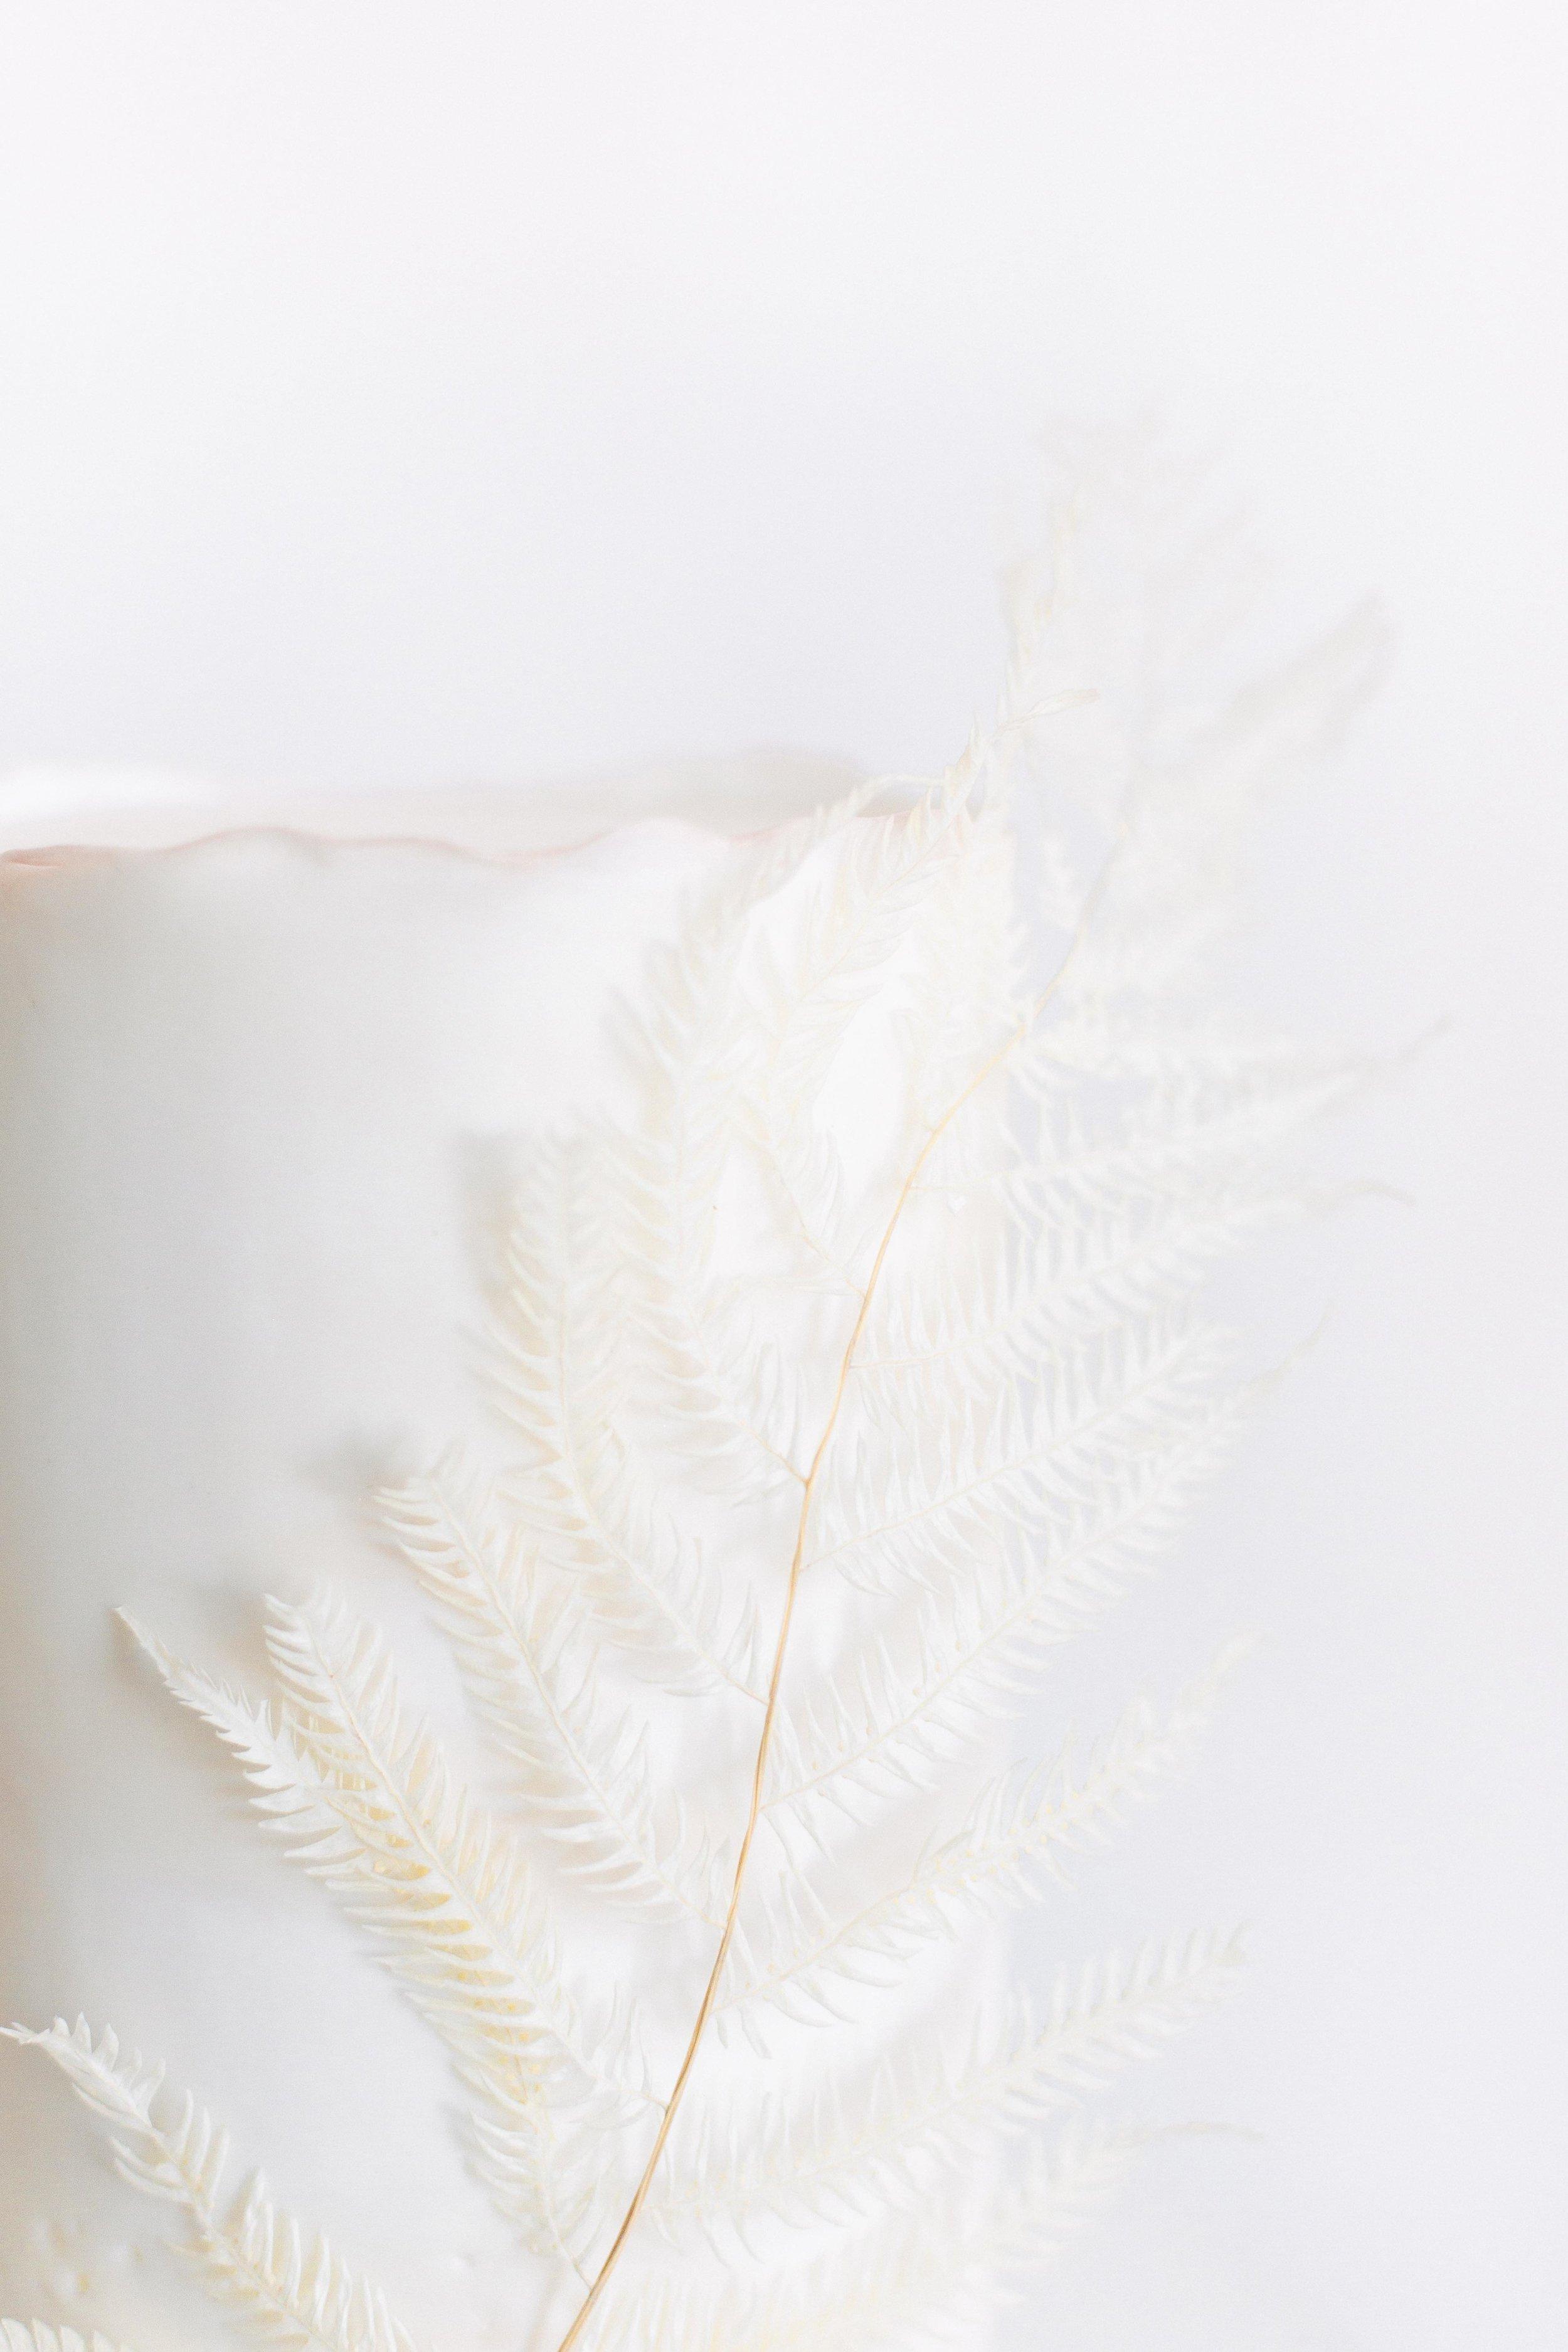 minimaliststinspriation-26.jpg